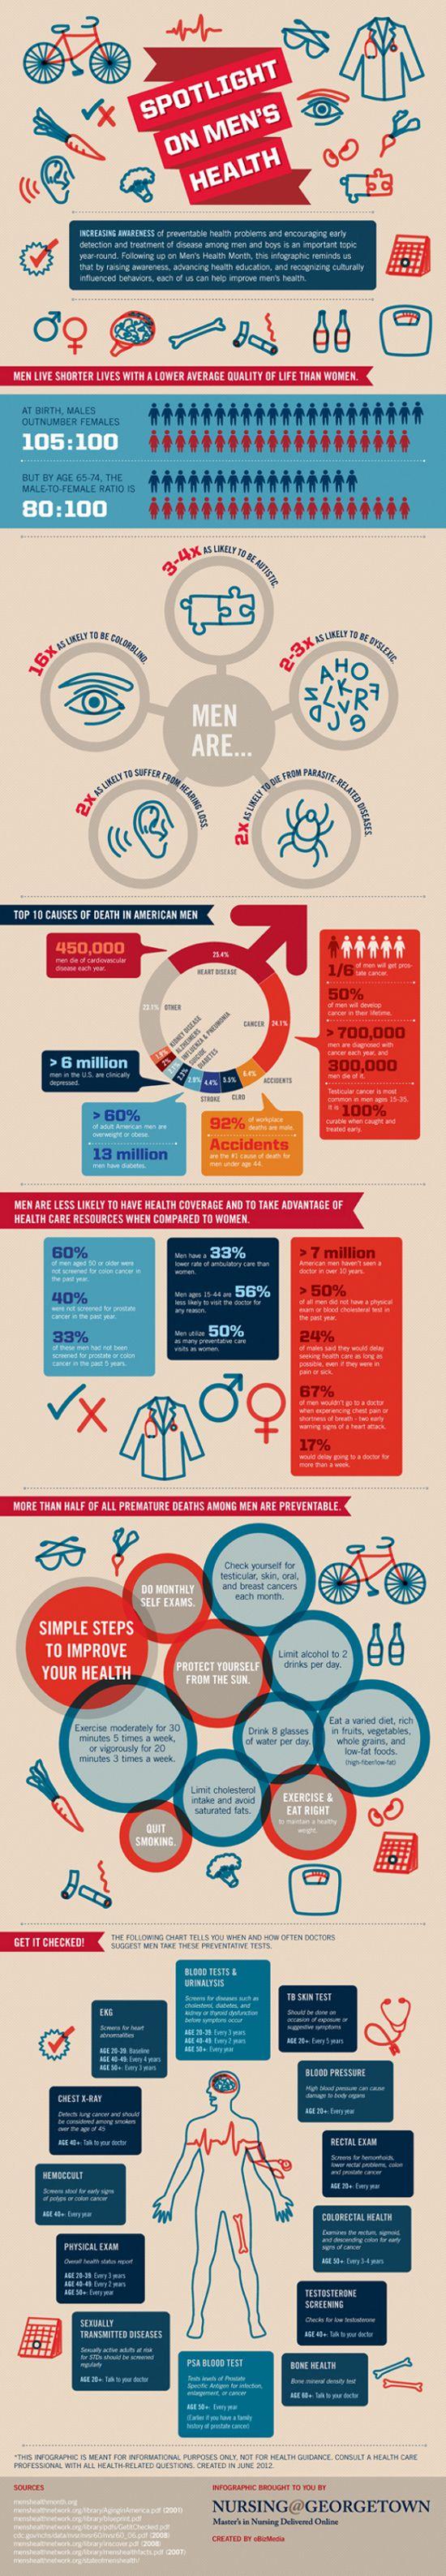 Men's Health Infographic